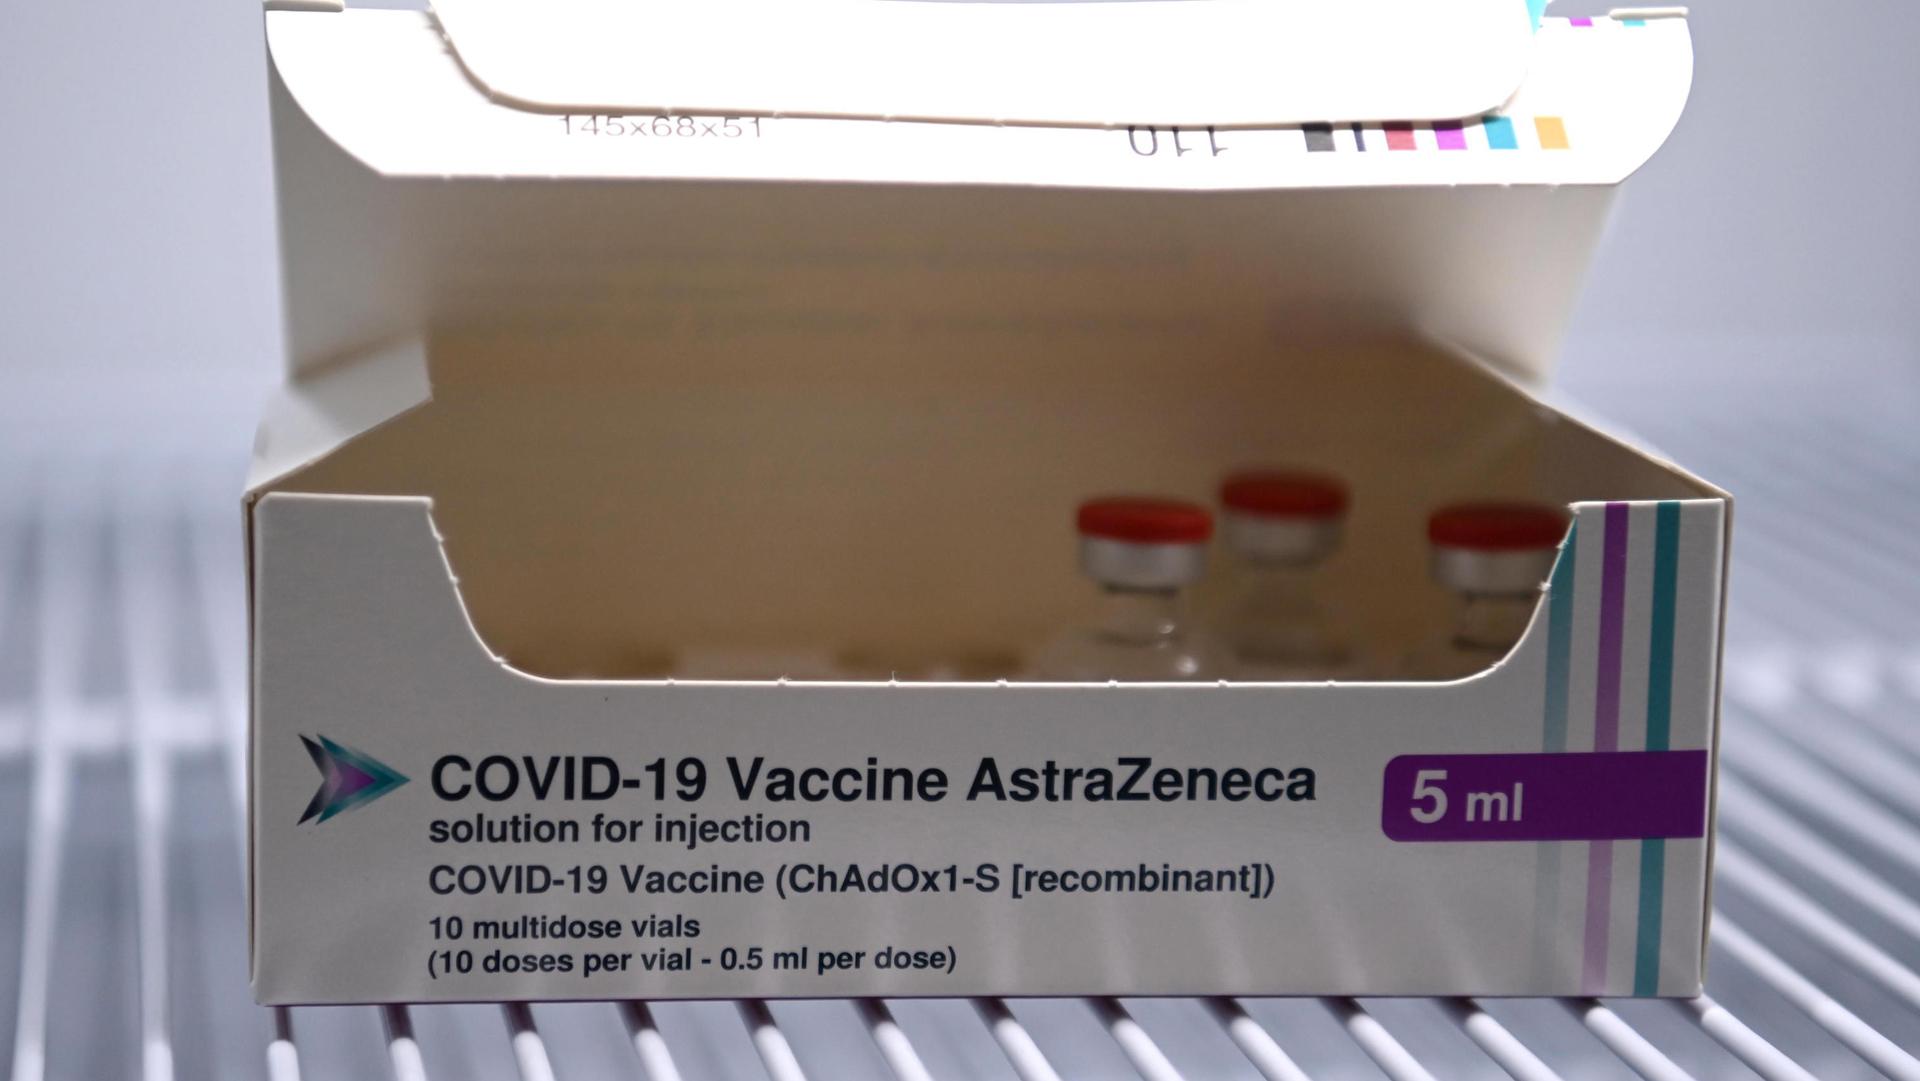 COVID e vaccini. Perché la strategia europea sta fallendo?